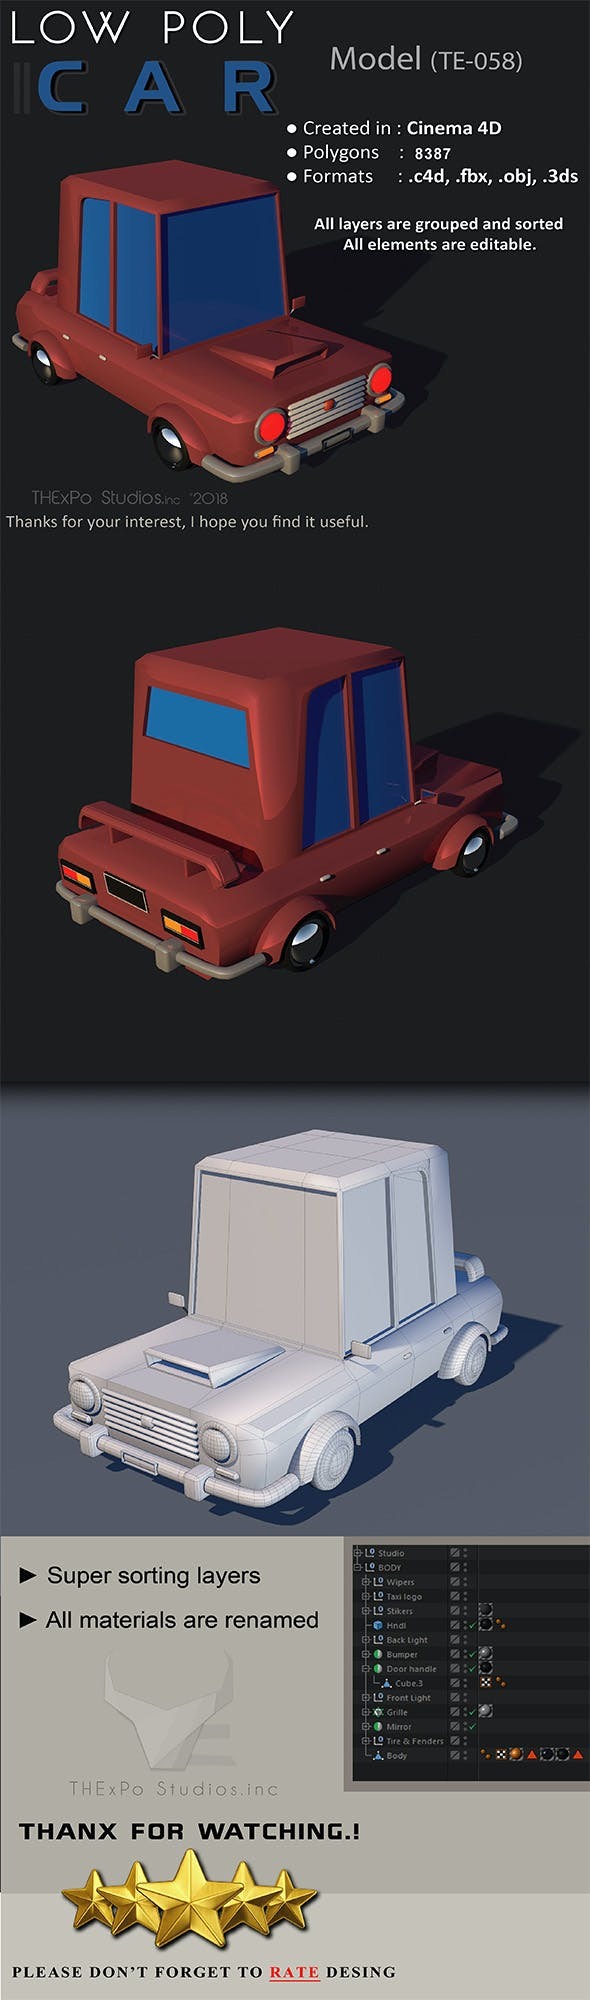 Low poly car || model TE-058 - 3DOcean Item for Sale